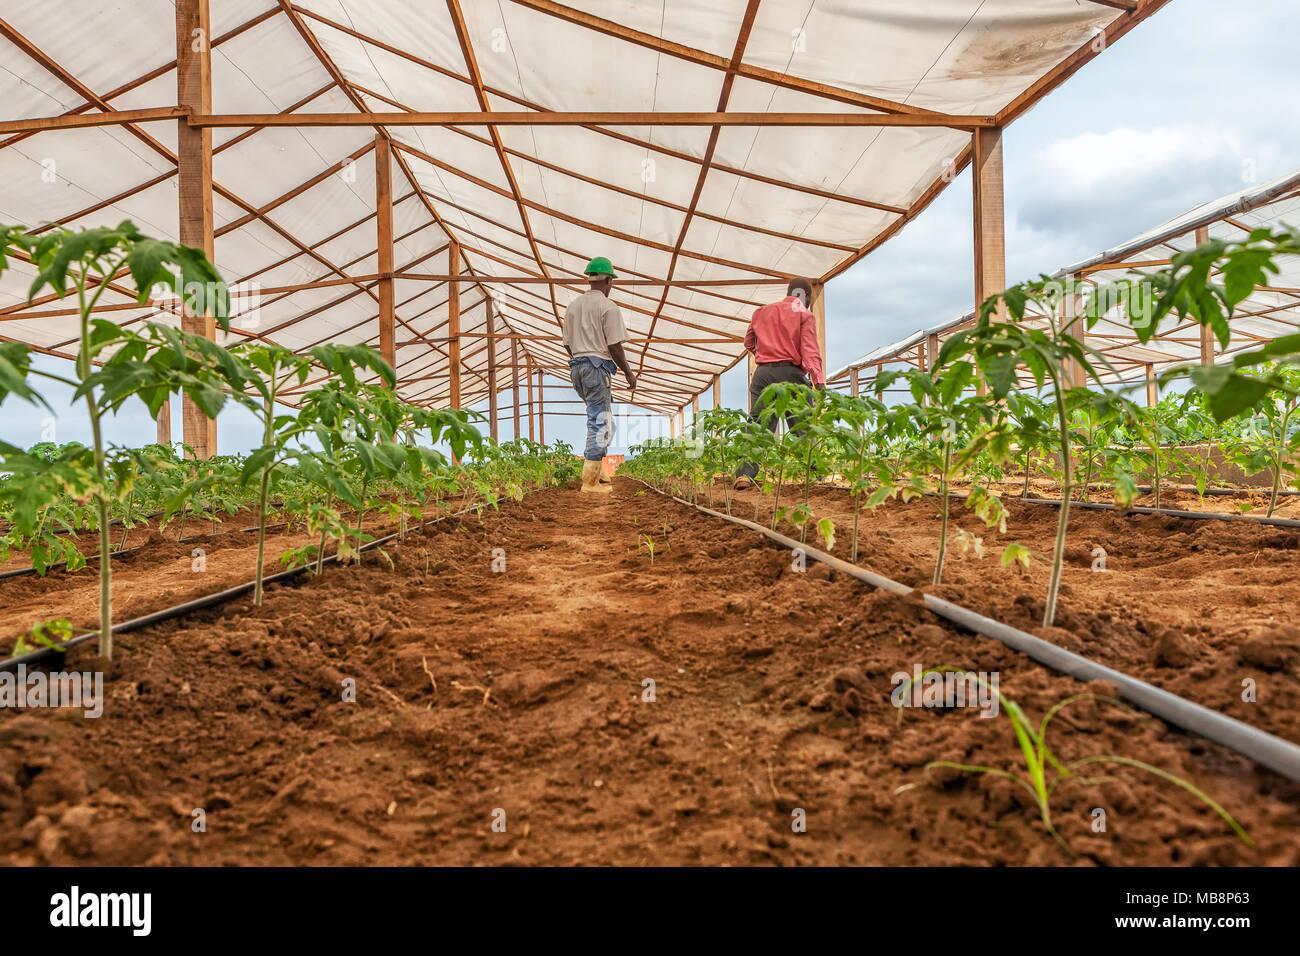 CABINDA/ANGOLA - 09JUN2010 - farmer working in a greenhouse. - Stock Image